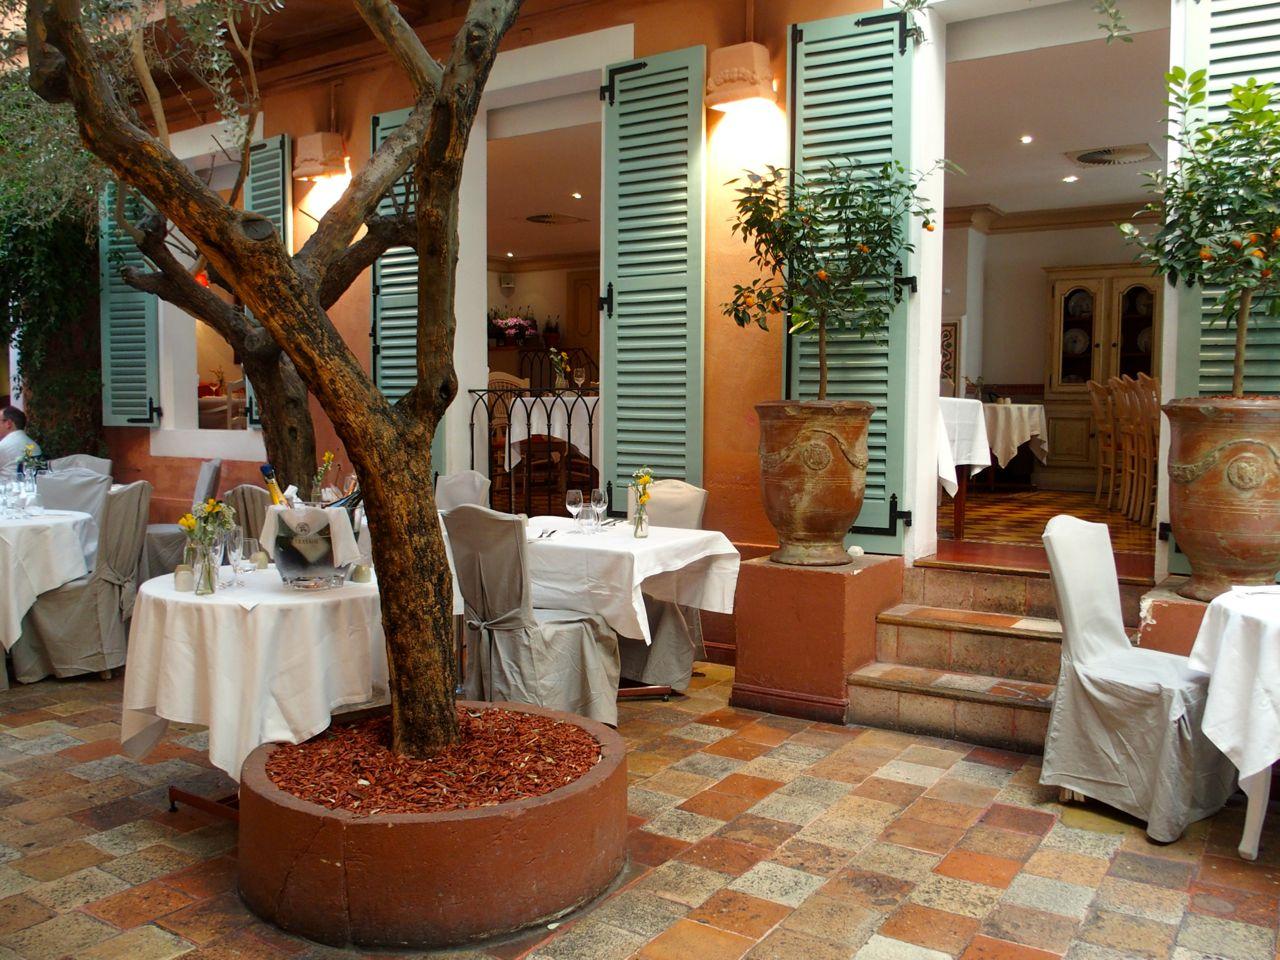 Restaurant le sud d paysement garanti the parisienne - Restaurant le sud paris porte maillot ...